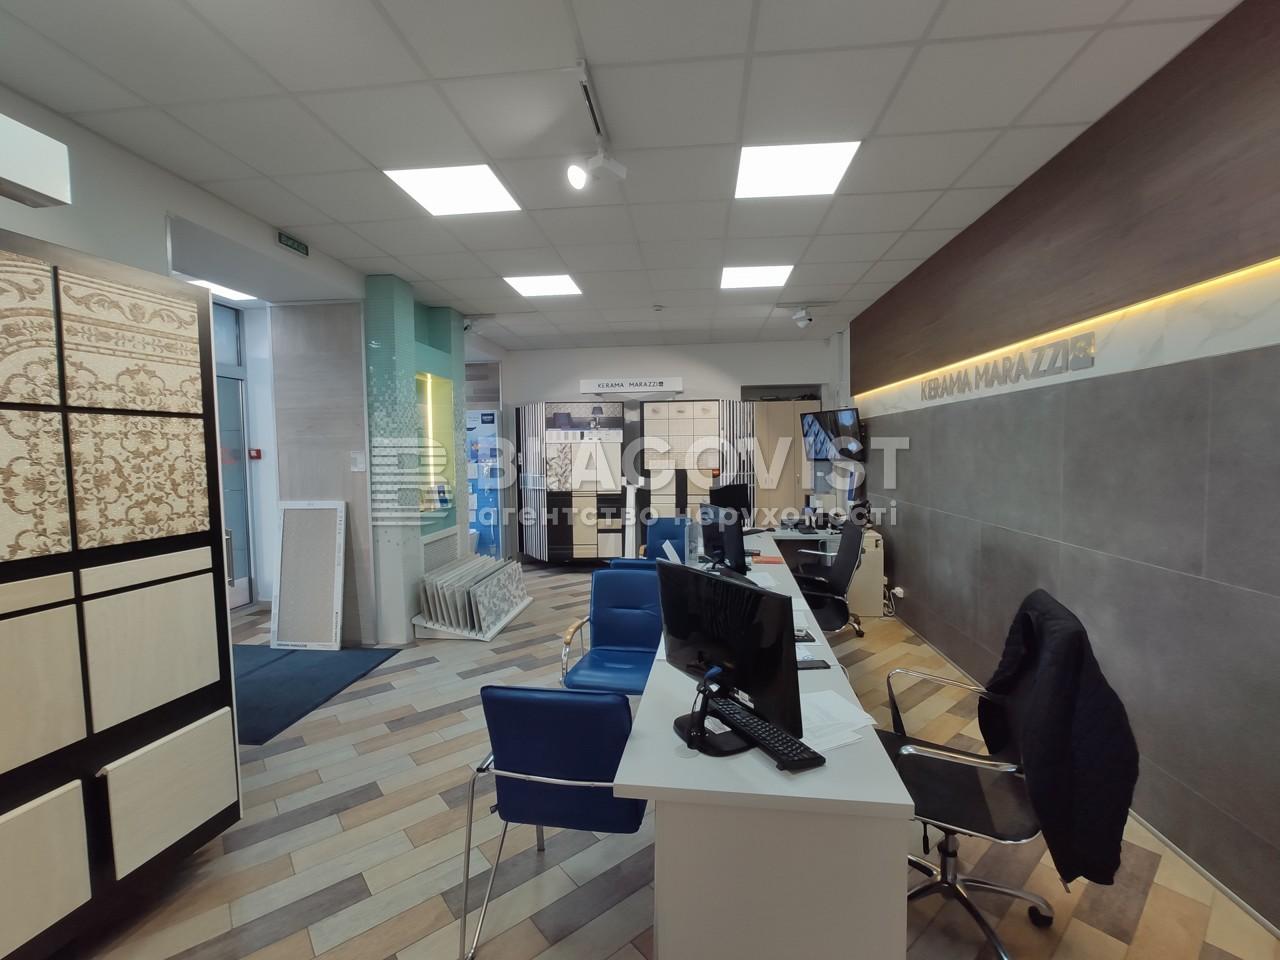 Нежилое помещение, Победы просп., Киев, D-35625 - Фото 6